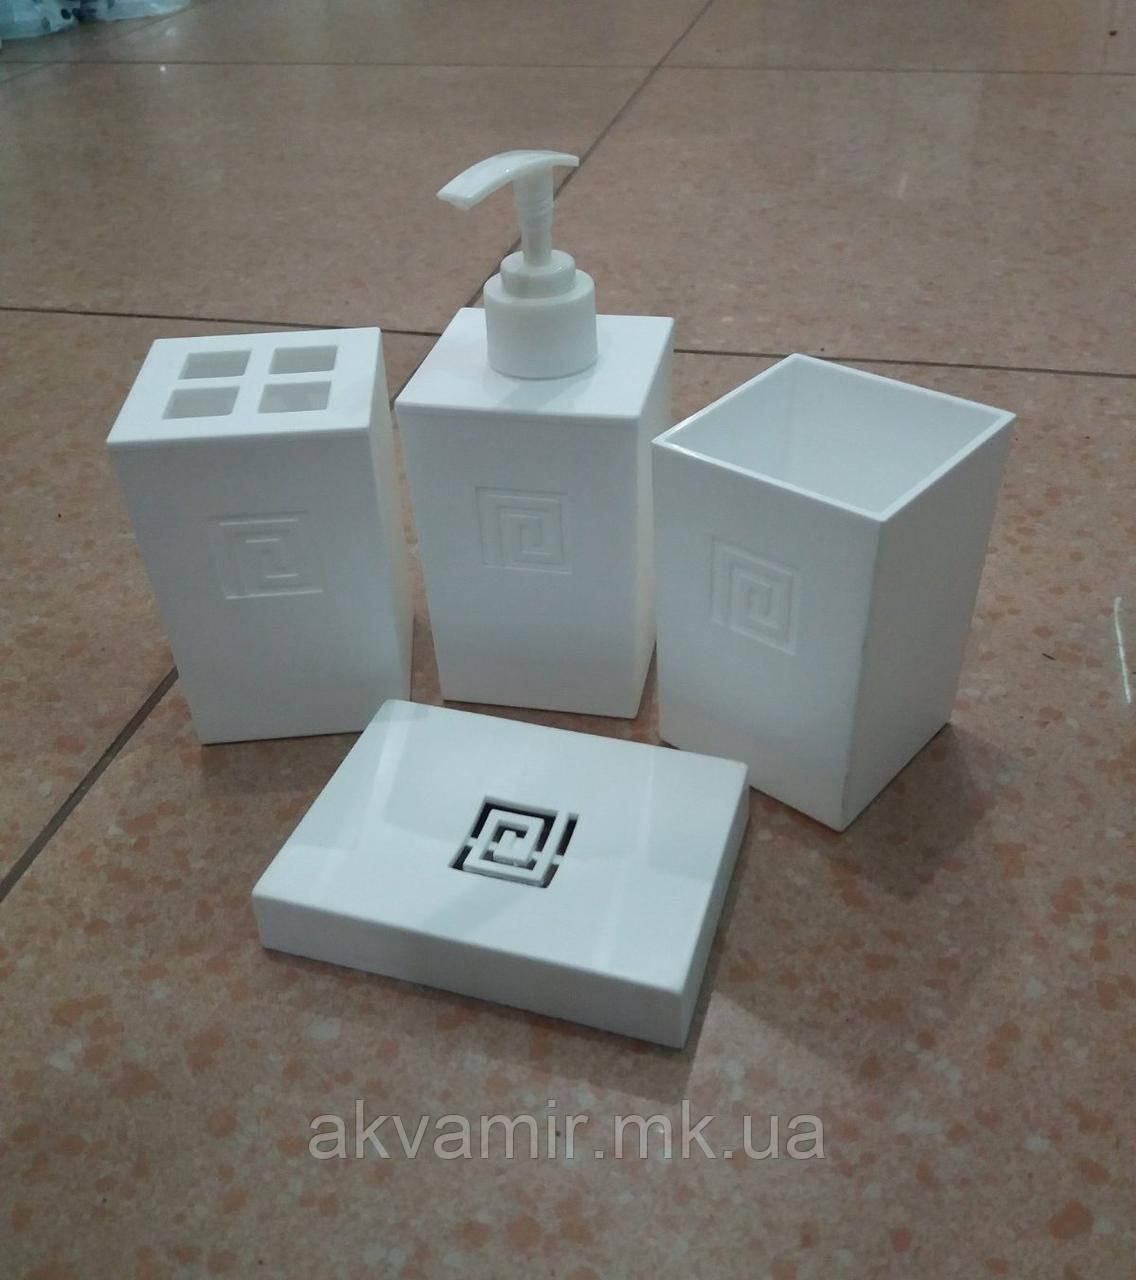 Набор аксессуаров для ванной Meander BISK (Польша): дозатор, подставка для зубных щеток, стакан, мыльница